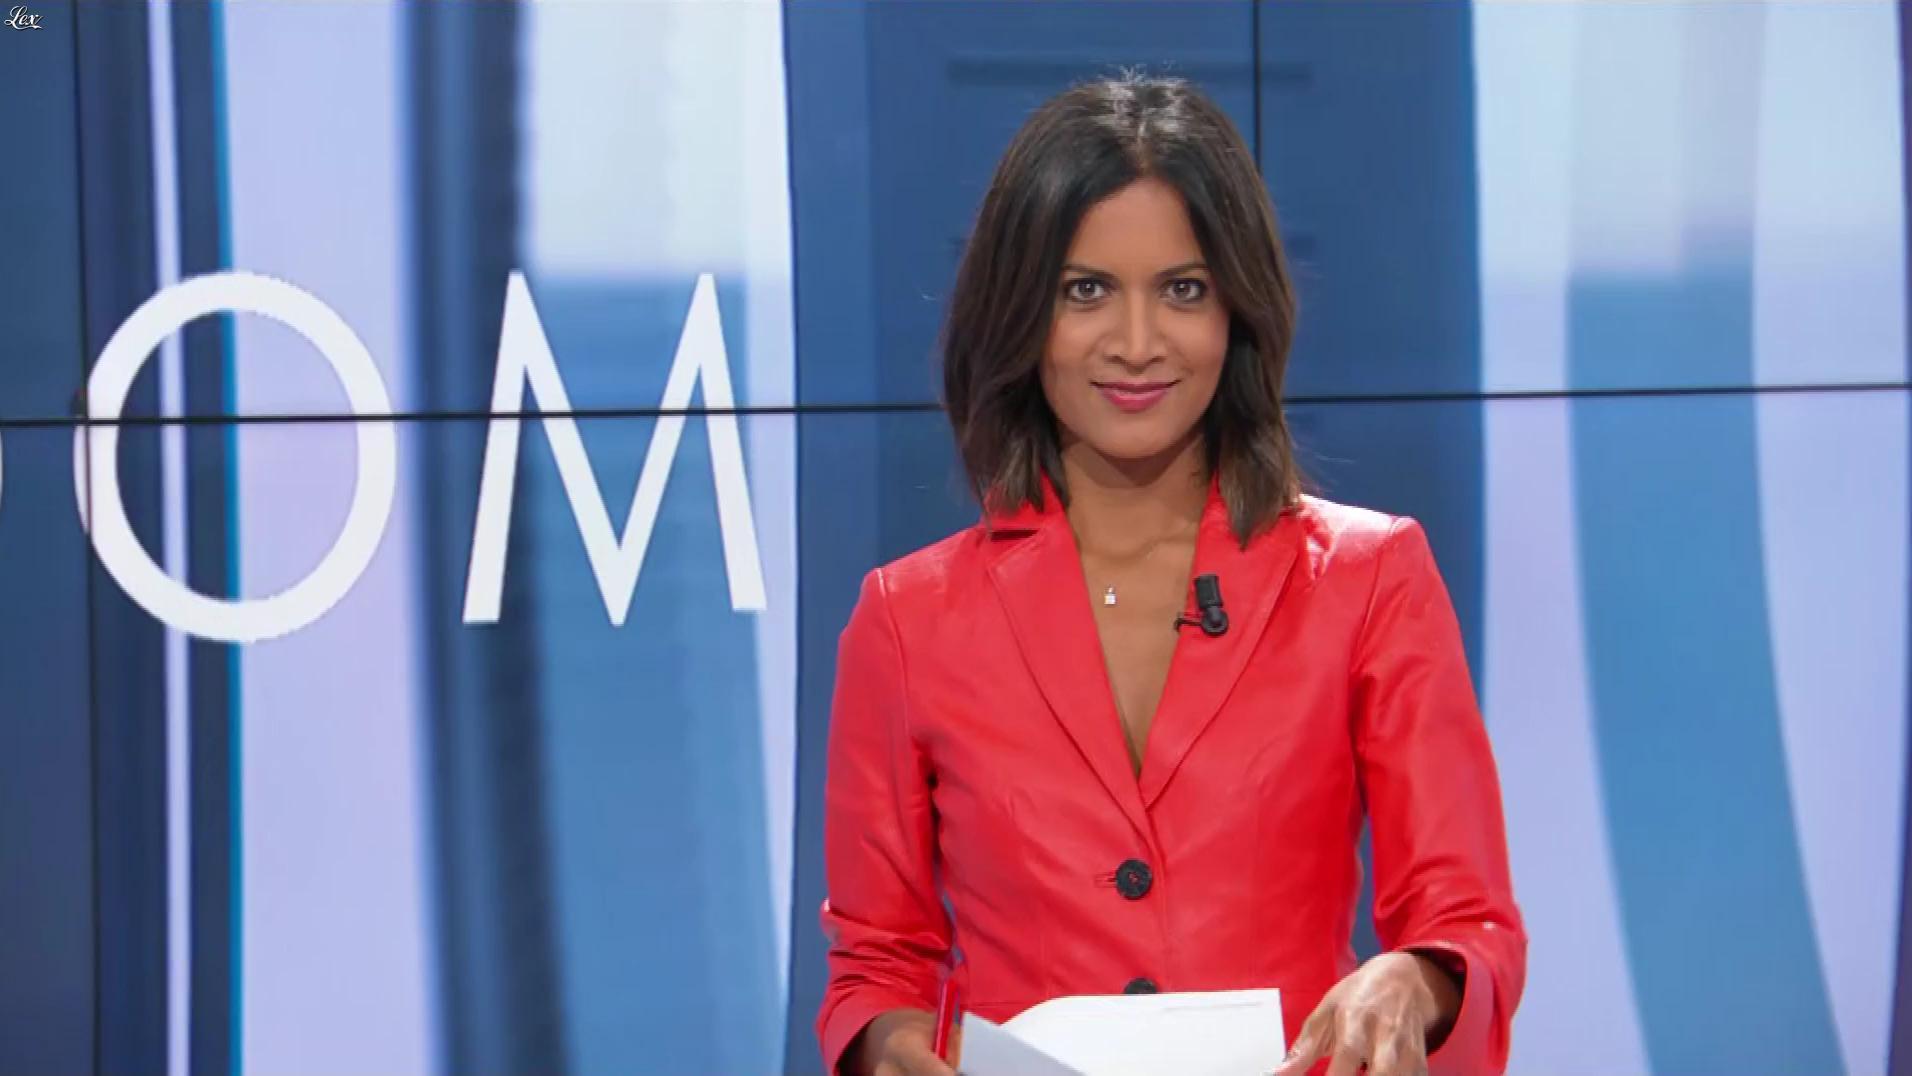 Aurélie Casse dans le Dezoom. Diffusé à la télévision le 10/09/19.